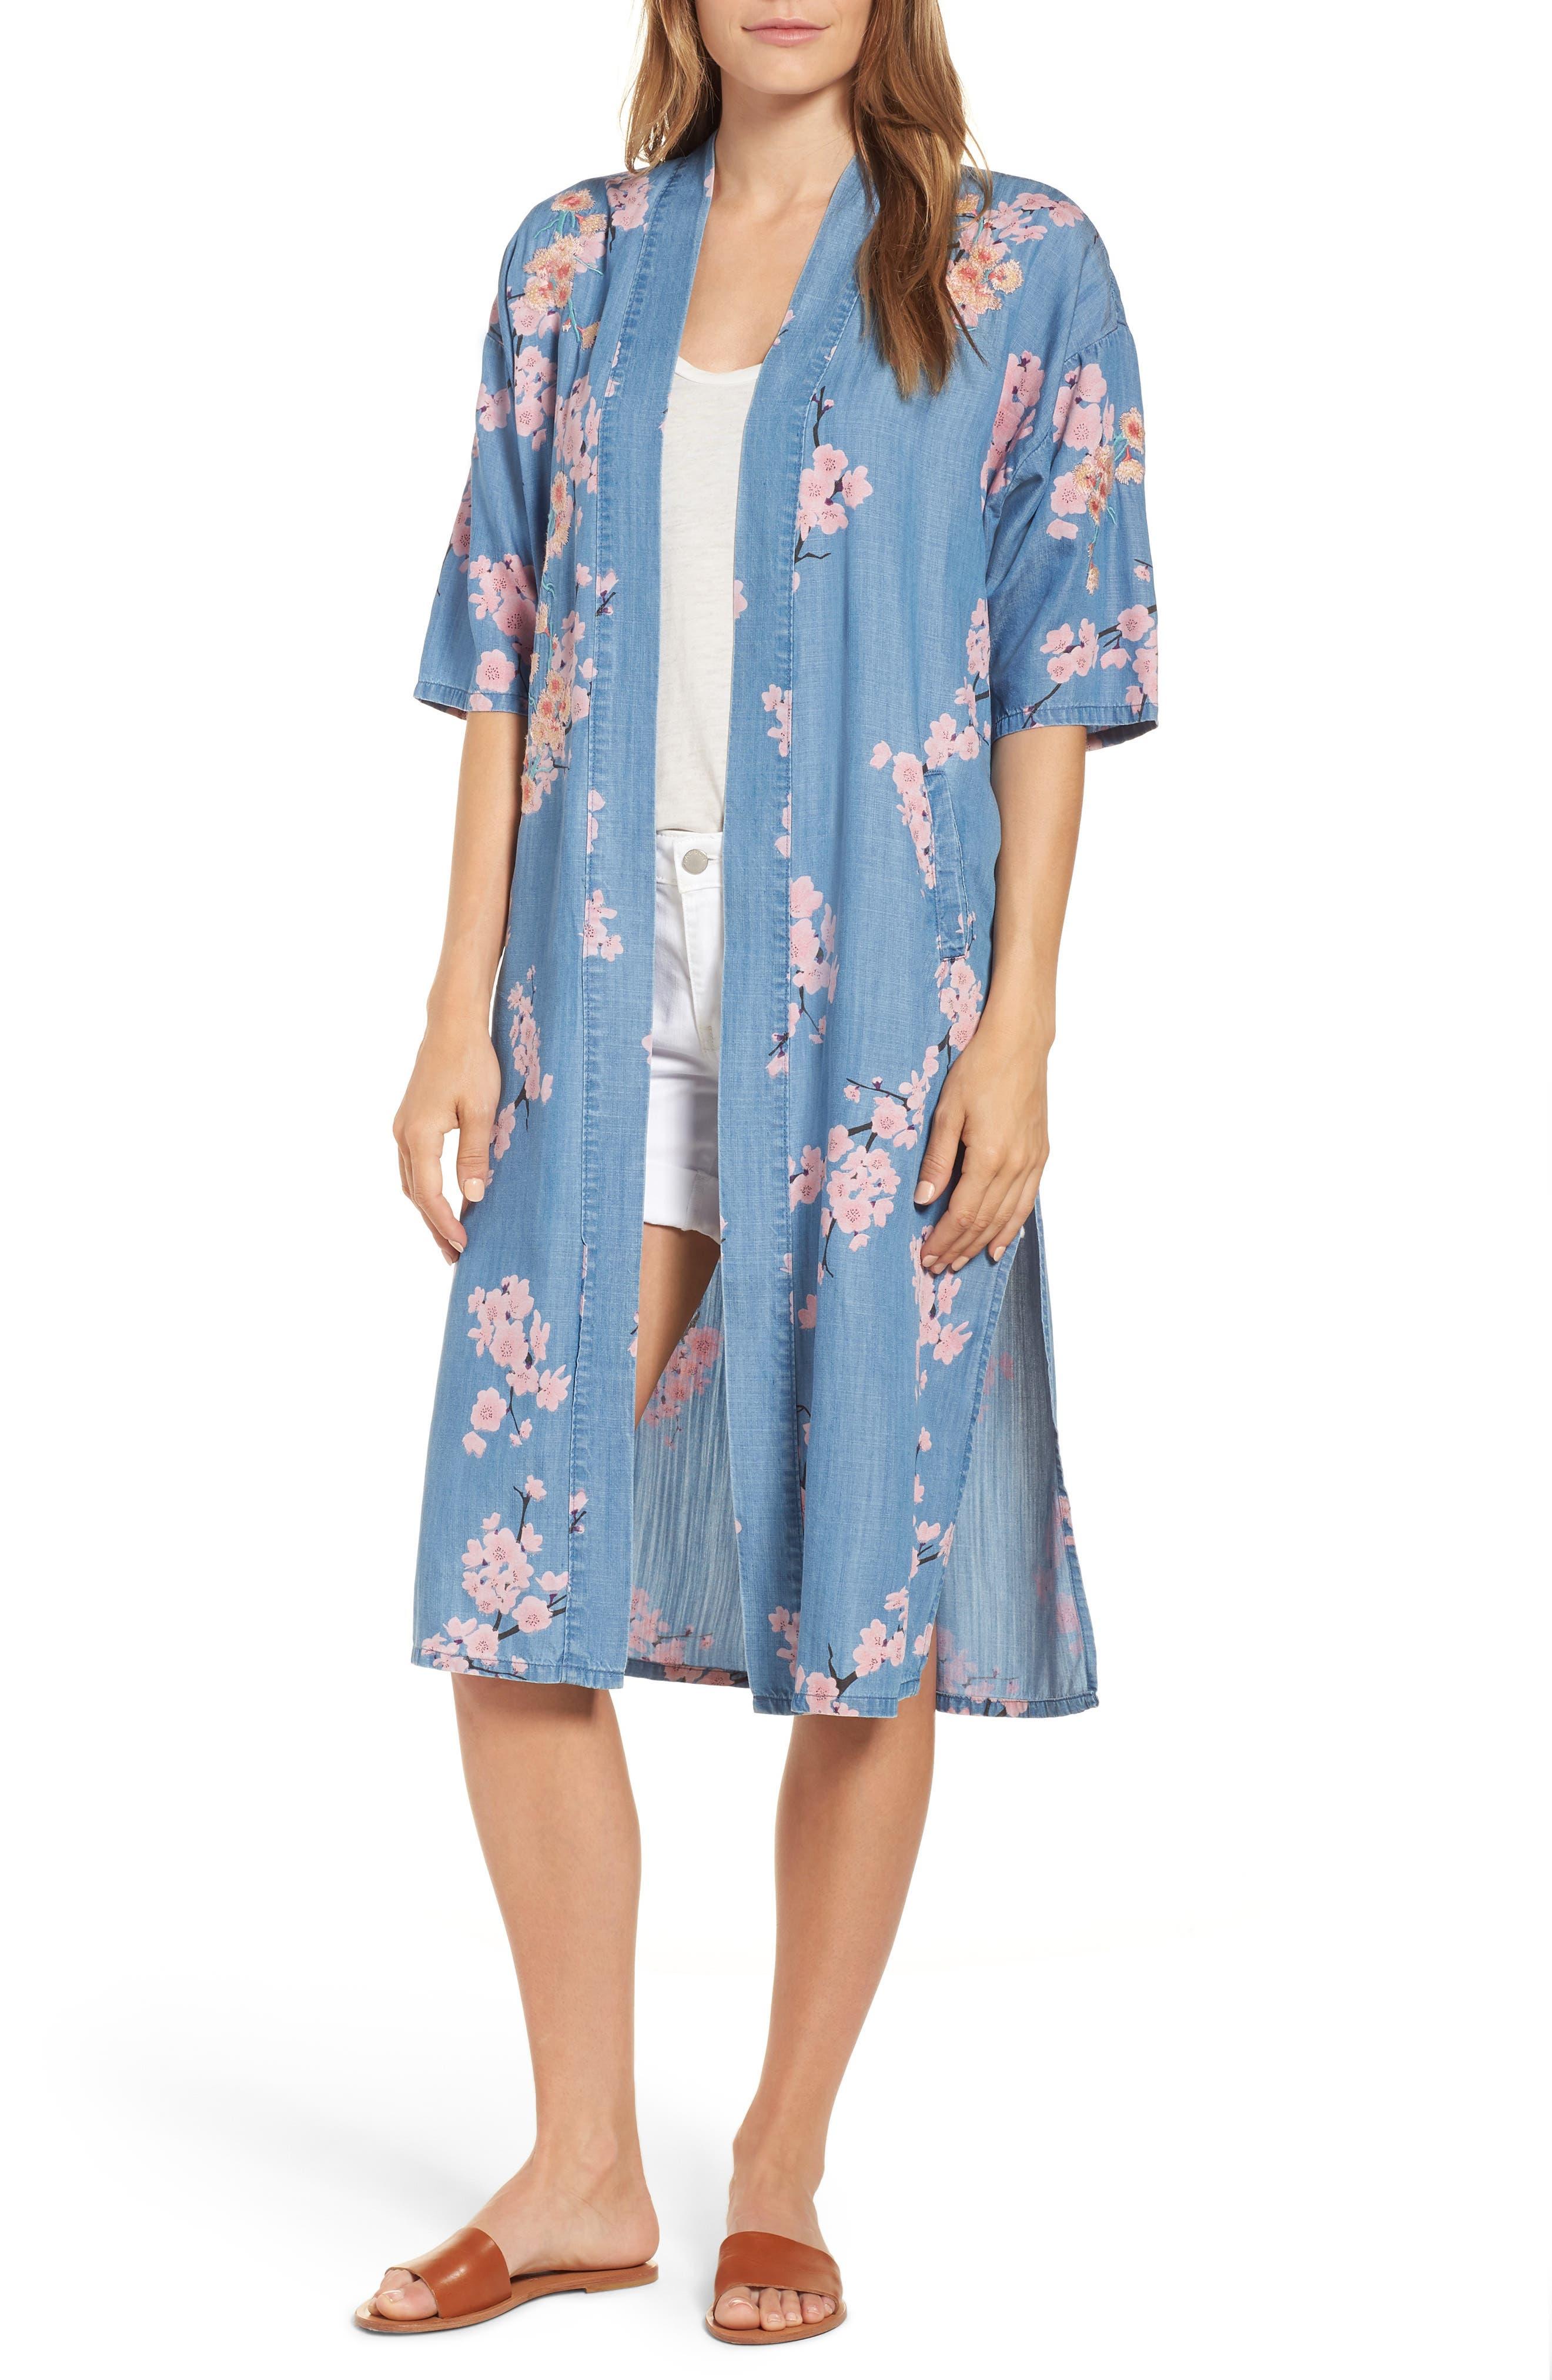 Cherry Blossom Kimono,                         Main,                         color, Blue Cherry Blossom